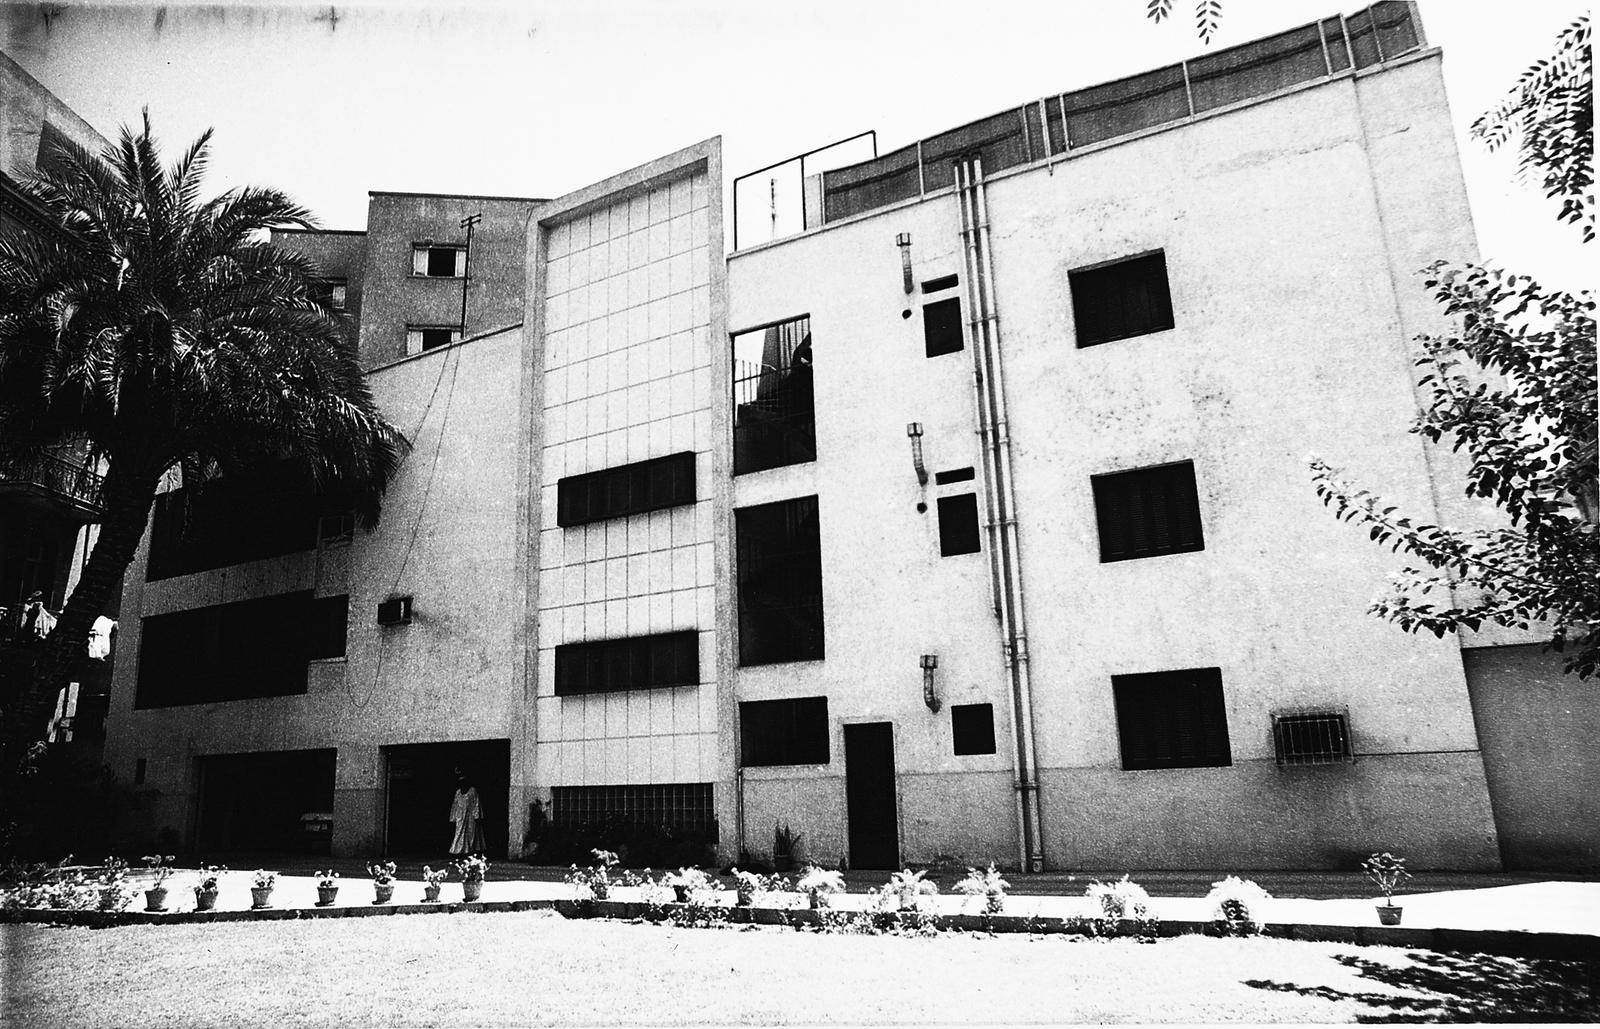 Cairo - Multi-Unit Residential Building - 1975